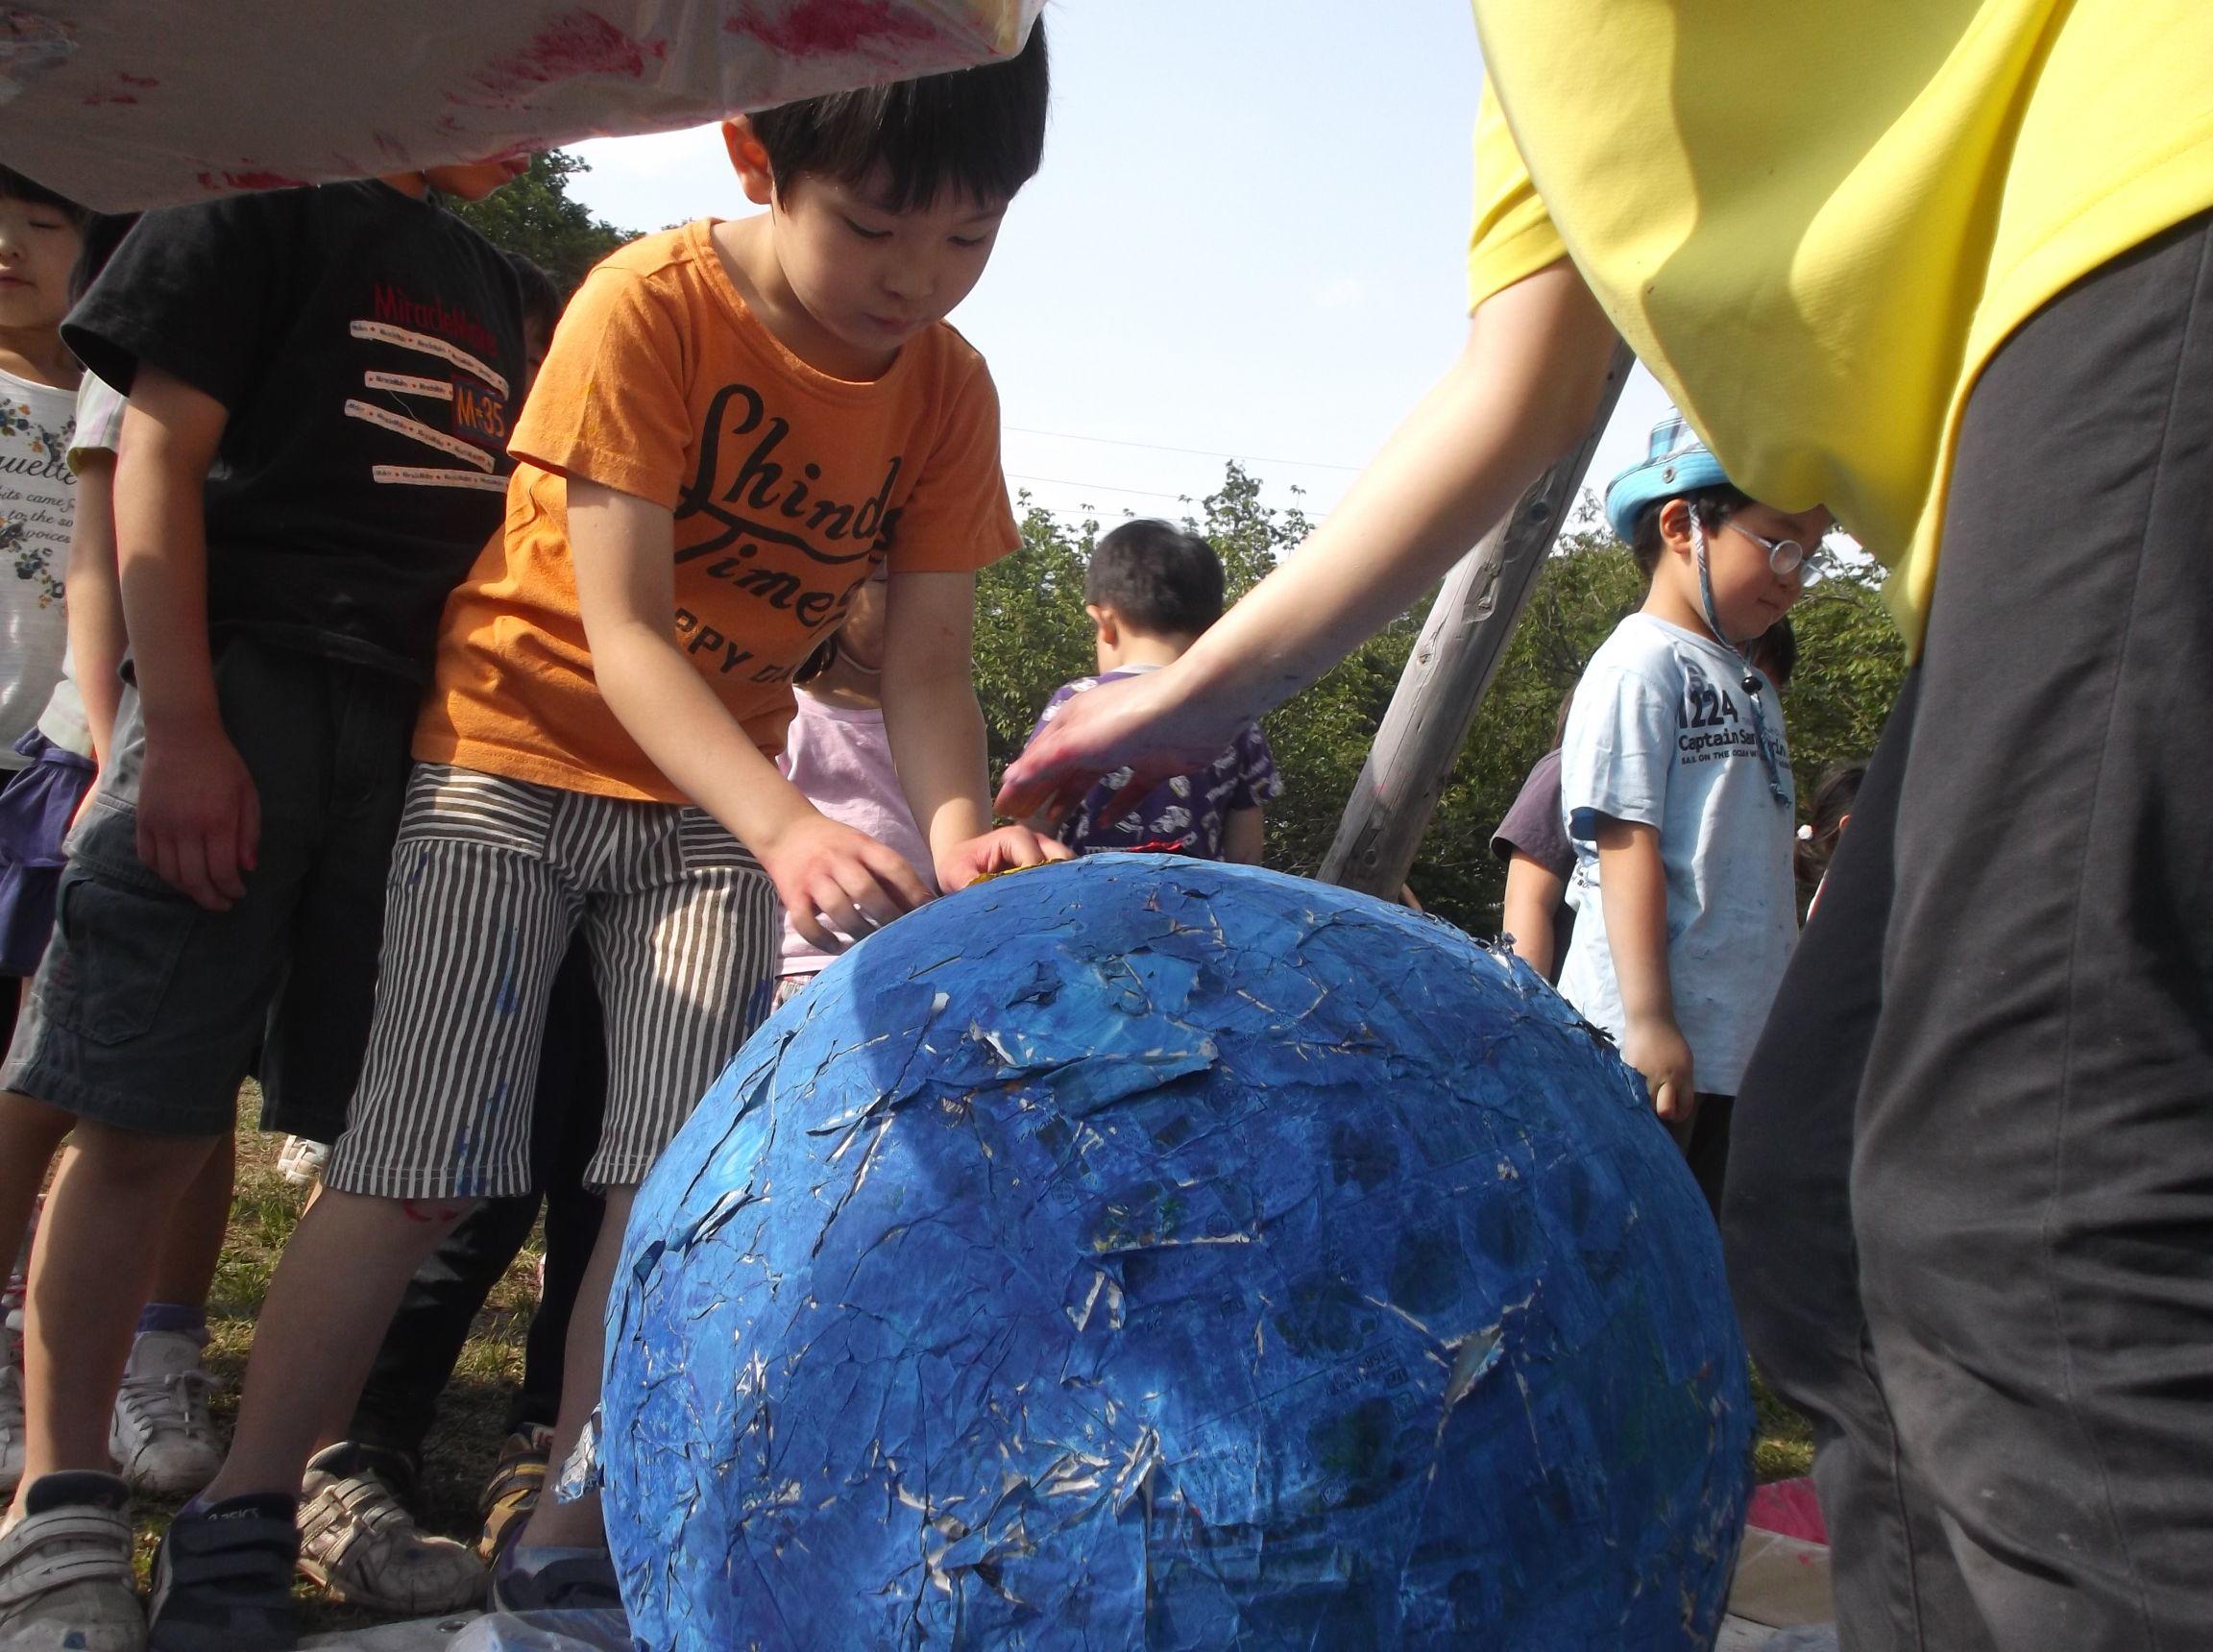 子ども向けアート教室の「Abrakadoodle」(アブラカドゥ-ドル) 野外アートイベントを開催しました ~未来に残したいきれいな地球を作ろう!~